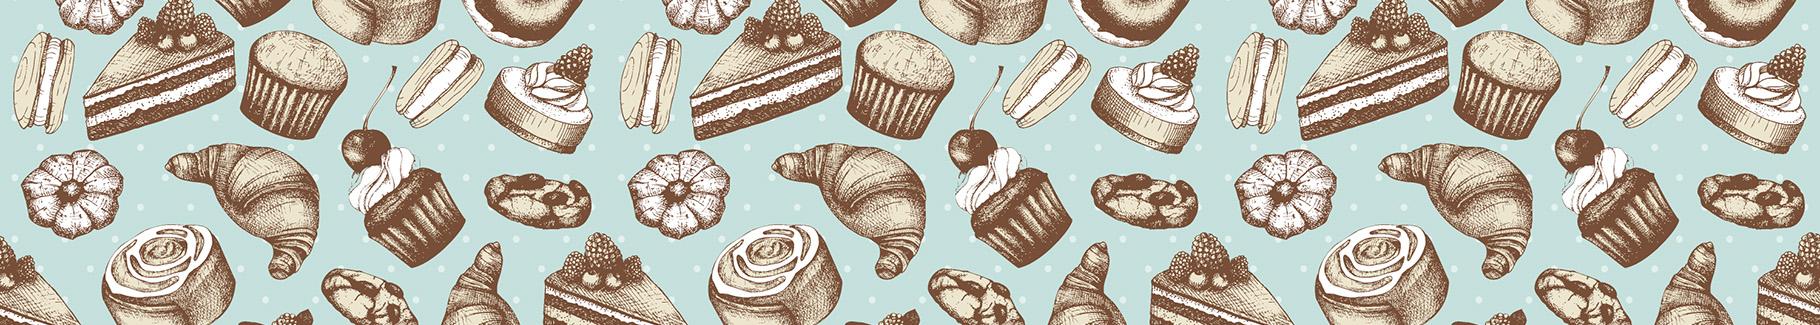 Tapeta retro słodycze do cukierni